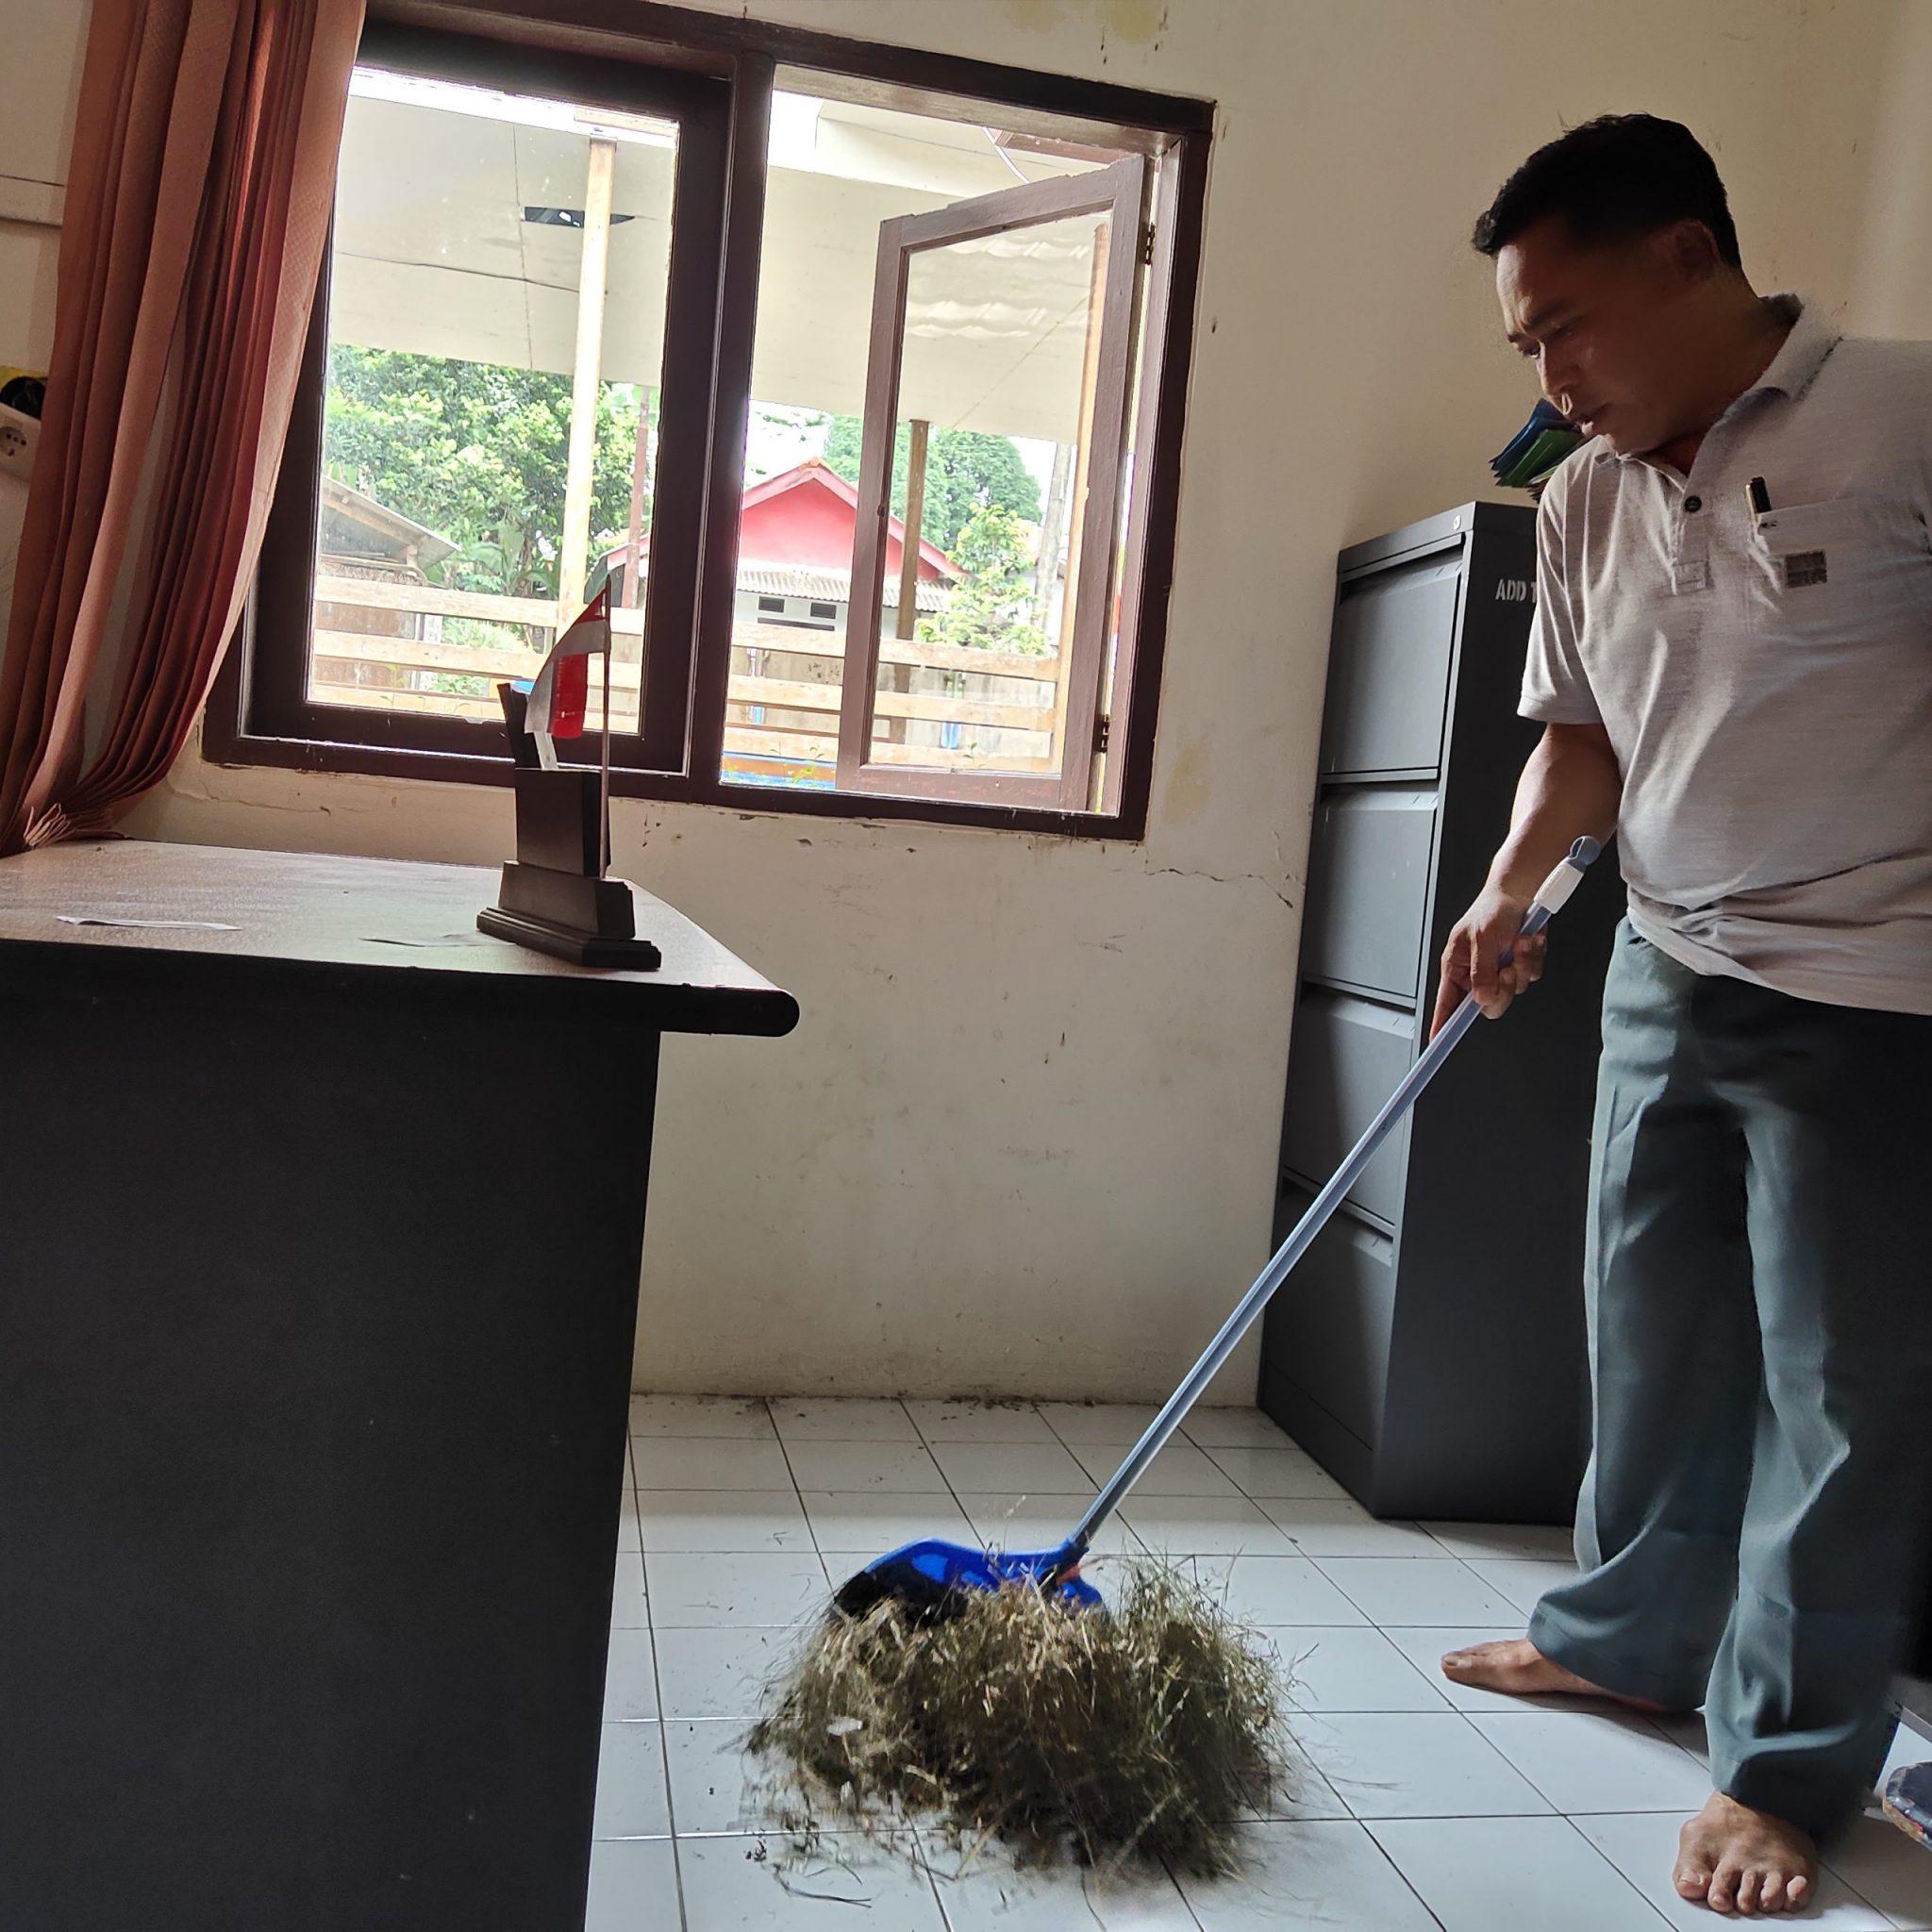 Manfaatkan Hari Libur Kades Koranji Lakukan Bersih-bersih Kantor